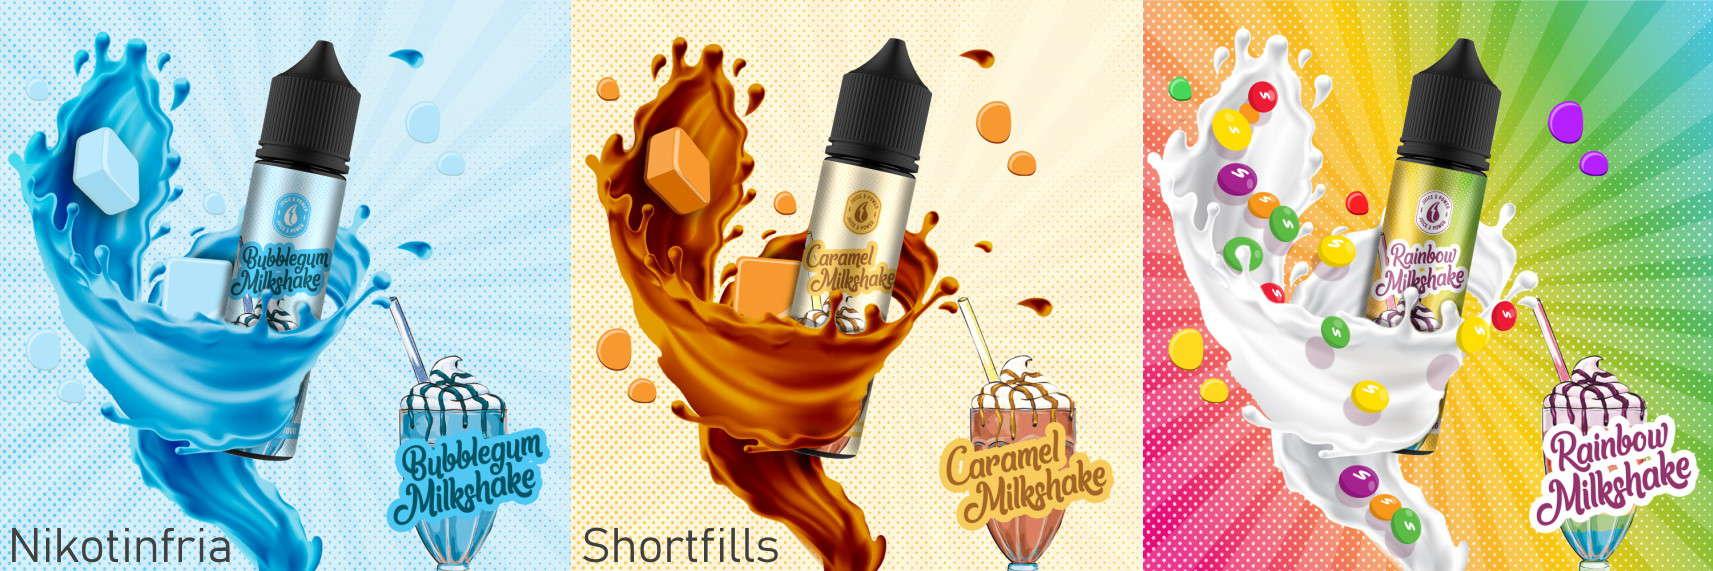 Juice N Power Milkshake Slide